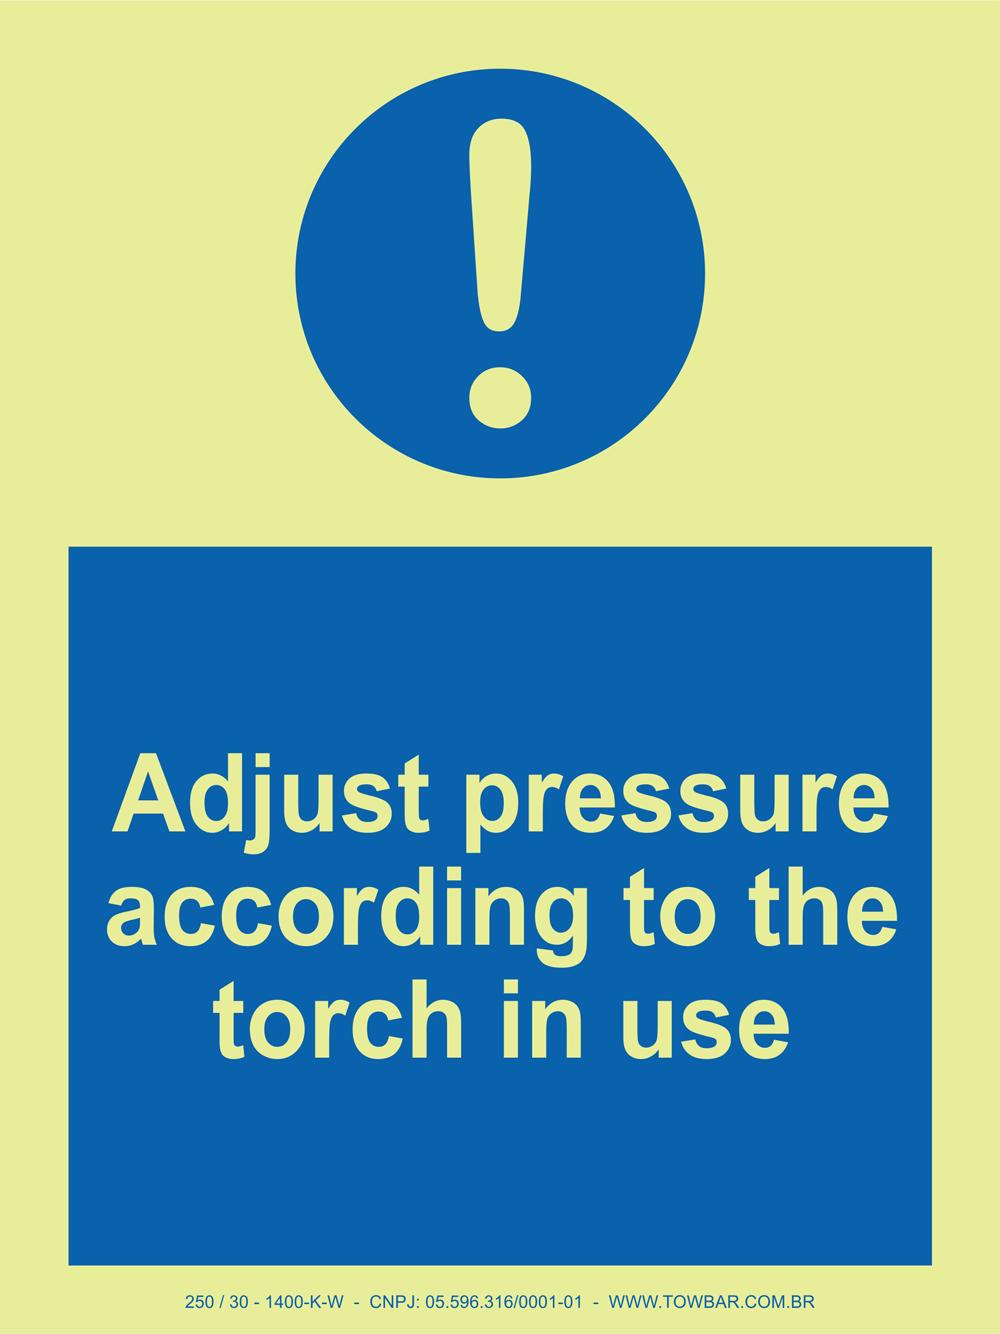 Adjust pressure according to the torch in use   - Towbar Sinalização de Segurança